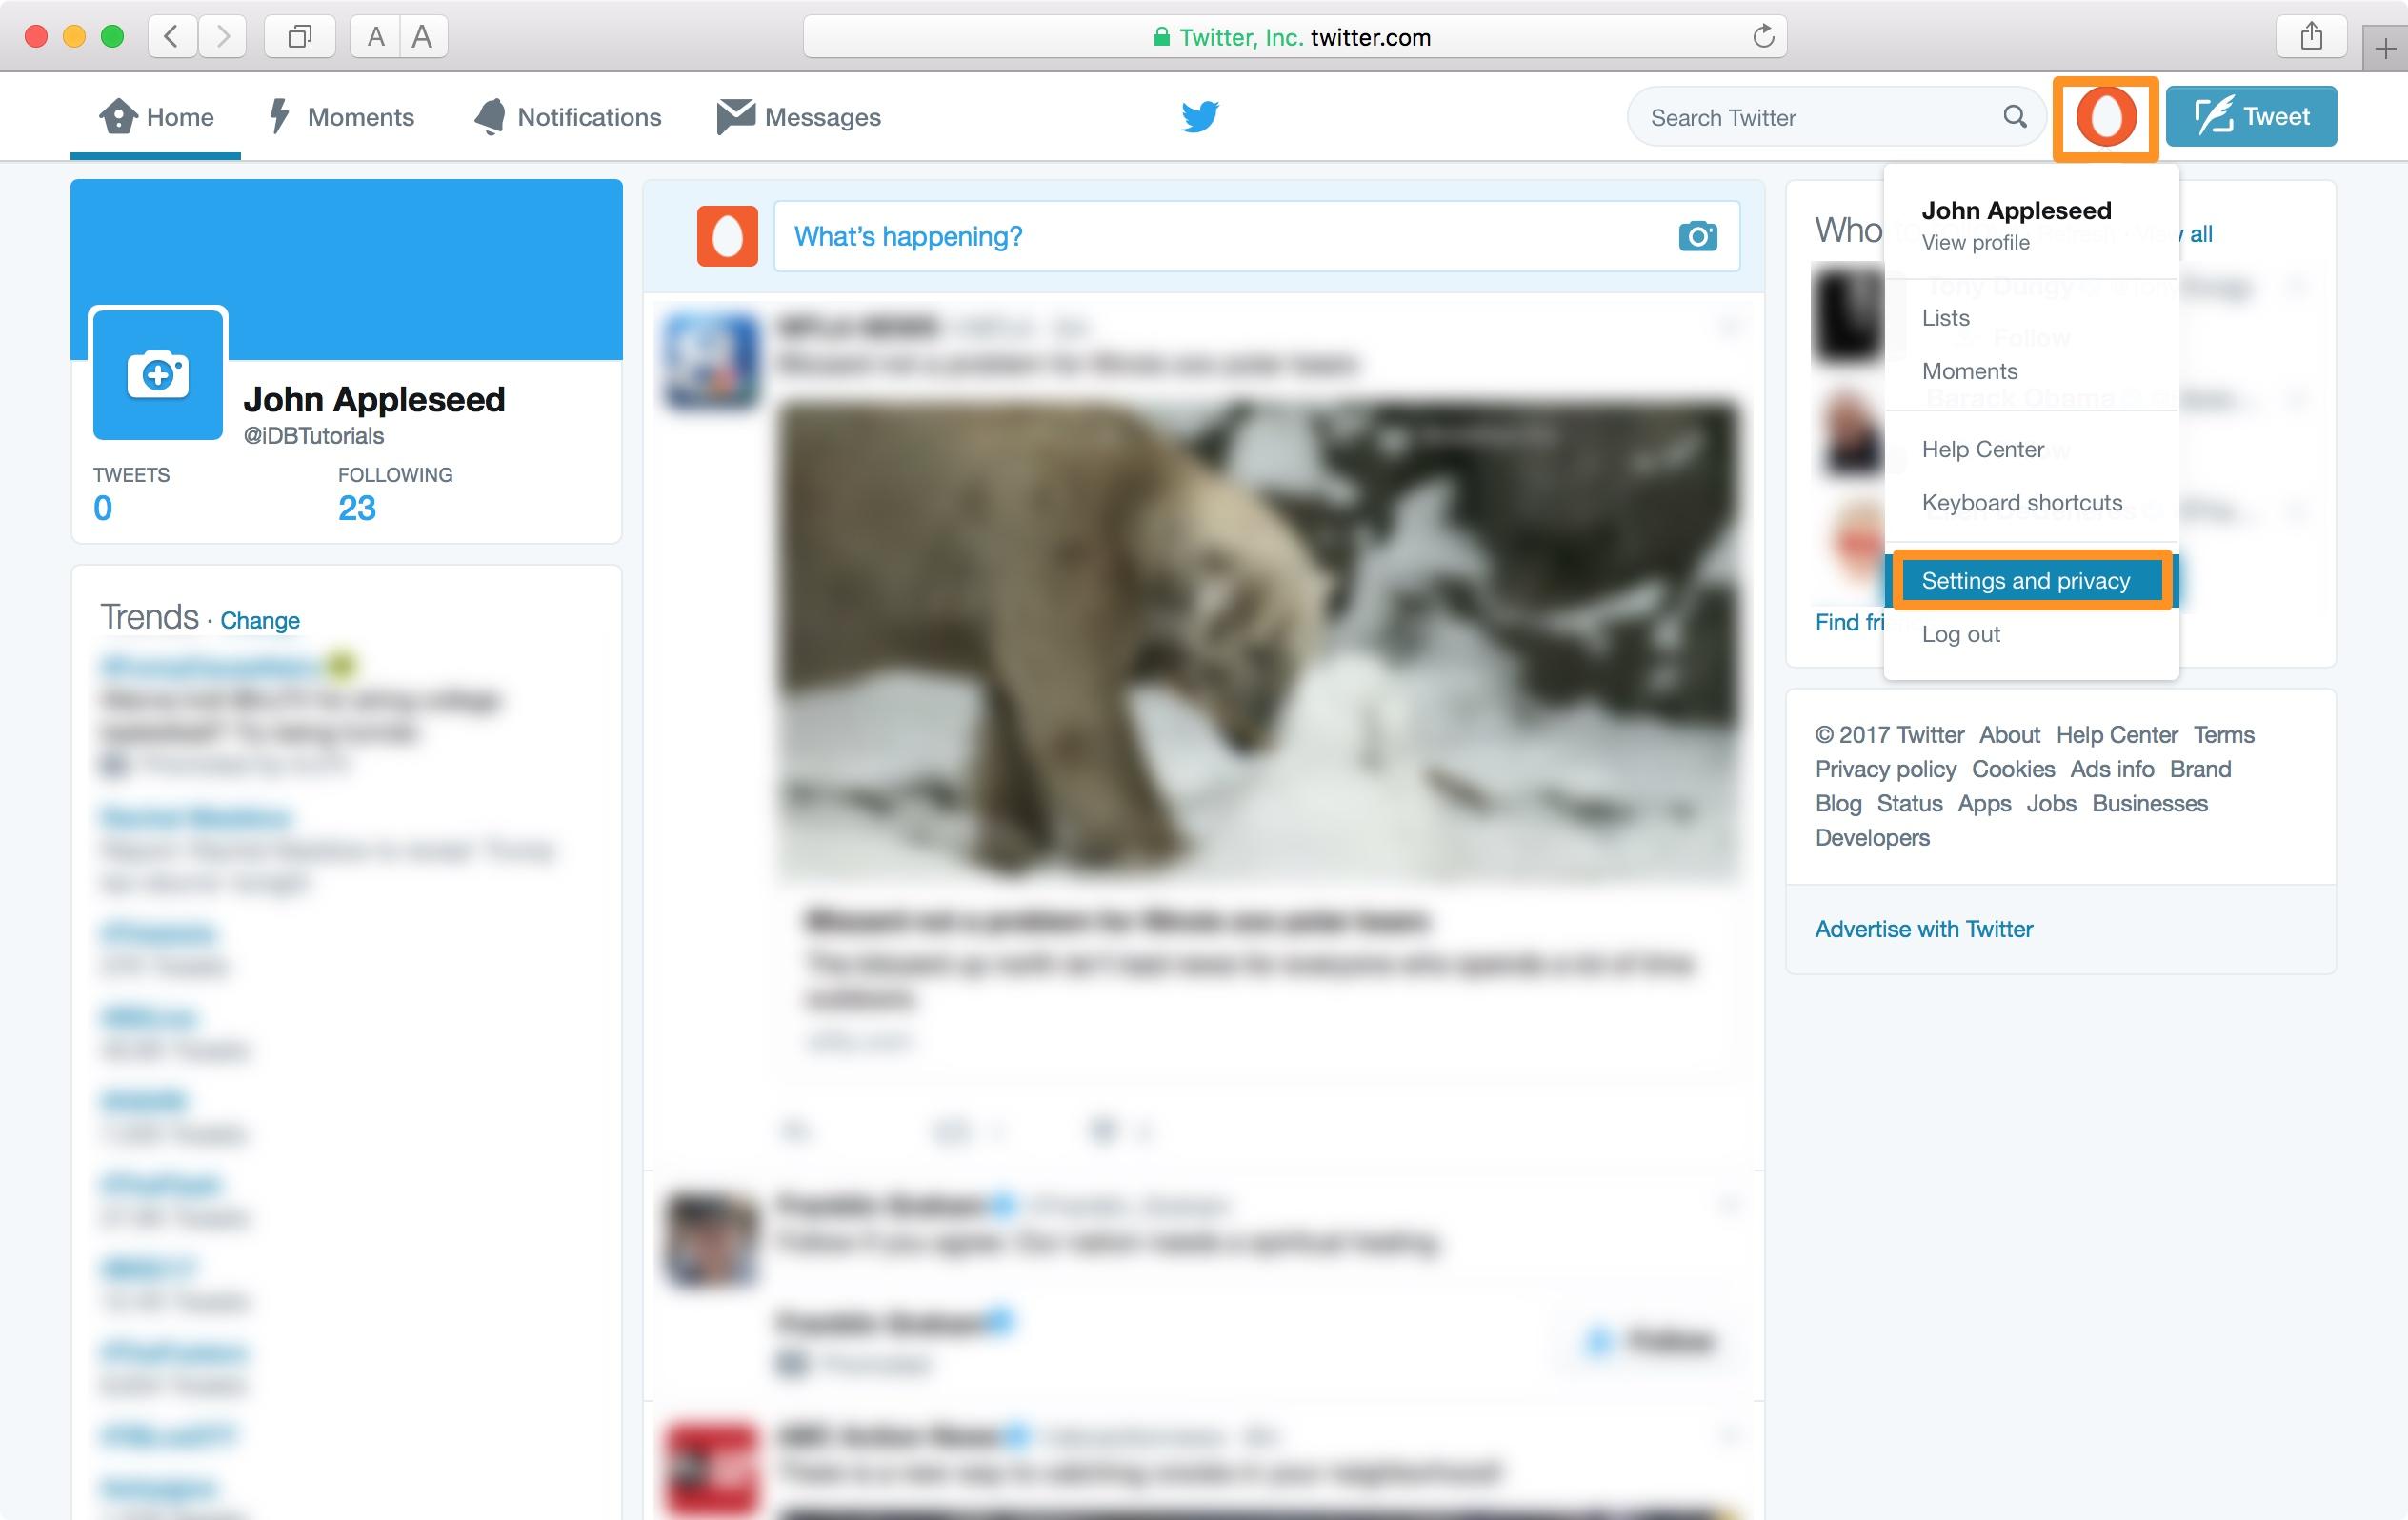 Configuración del sitio web de Twitter